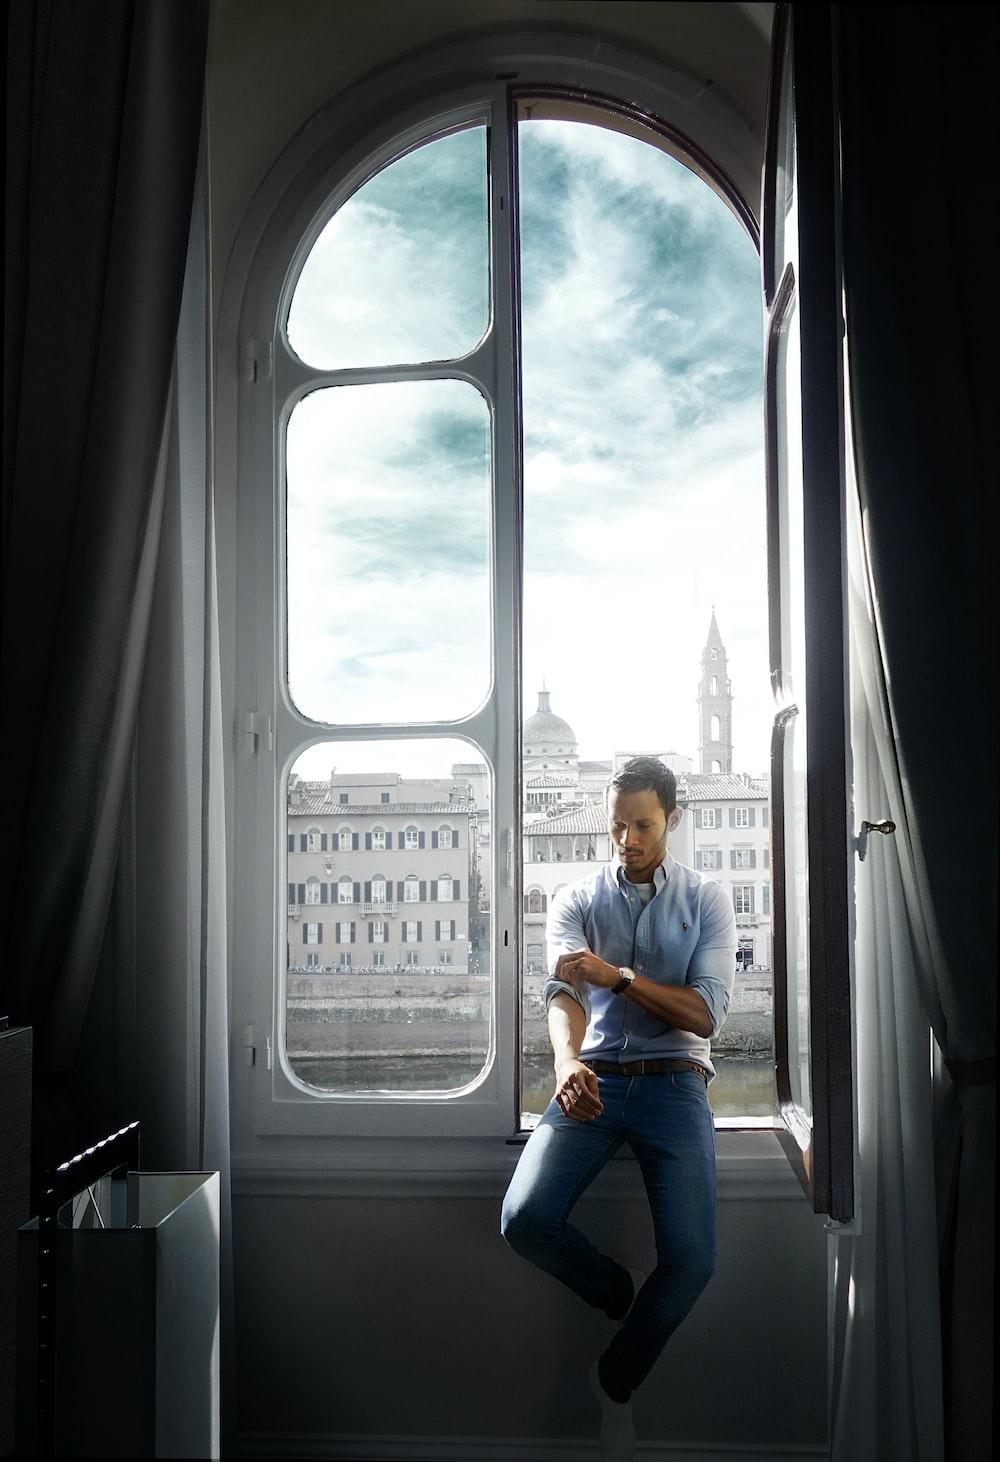 man sitting on window during daytime